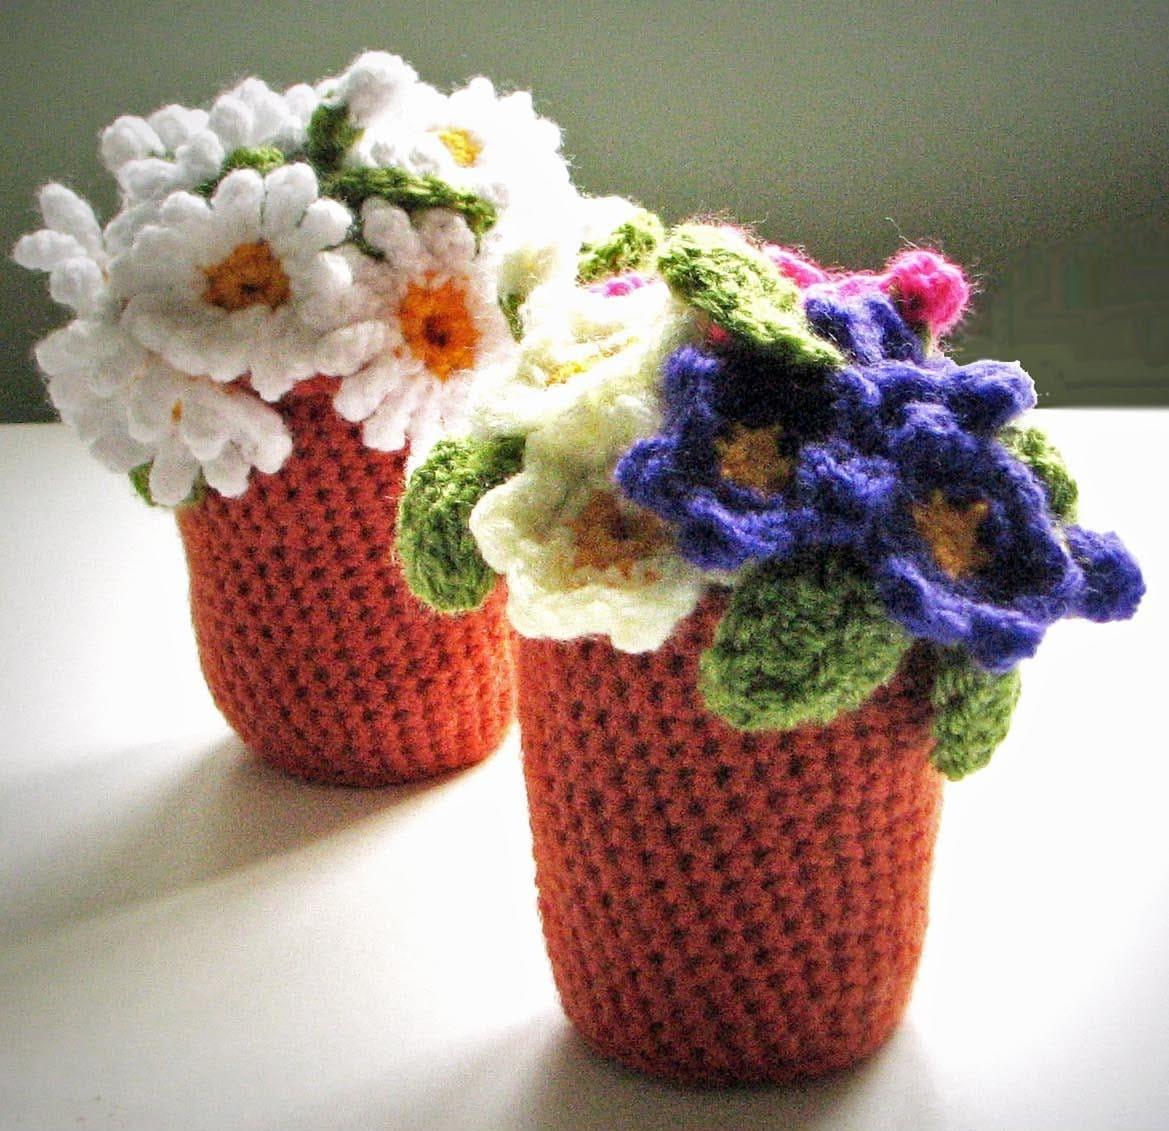 Crochet Flower Pot Pattern Free : Flowerpots: Crochet pattern for Daisy and by ...